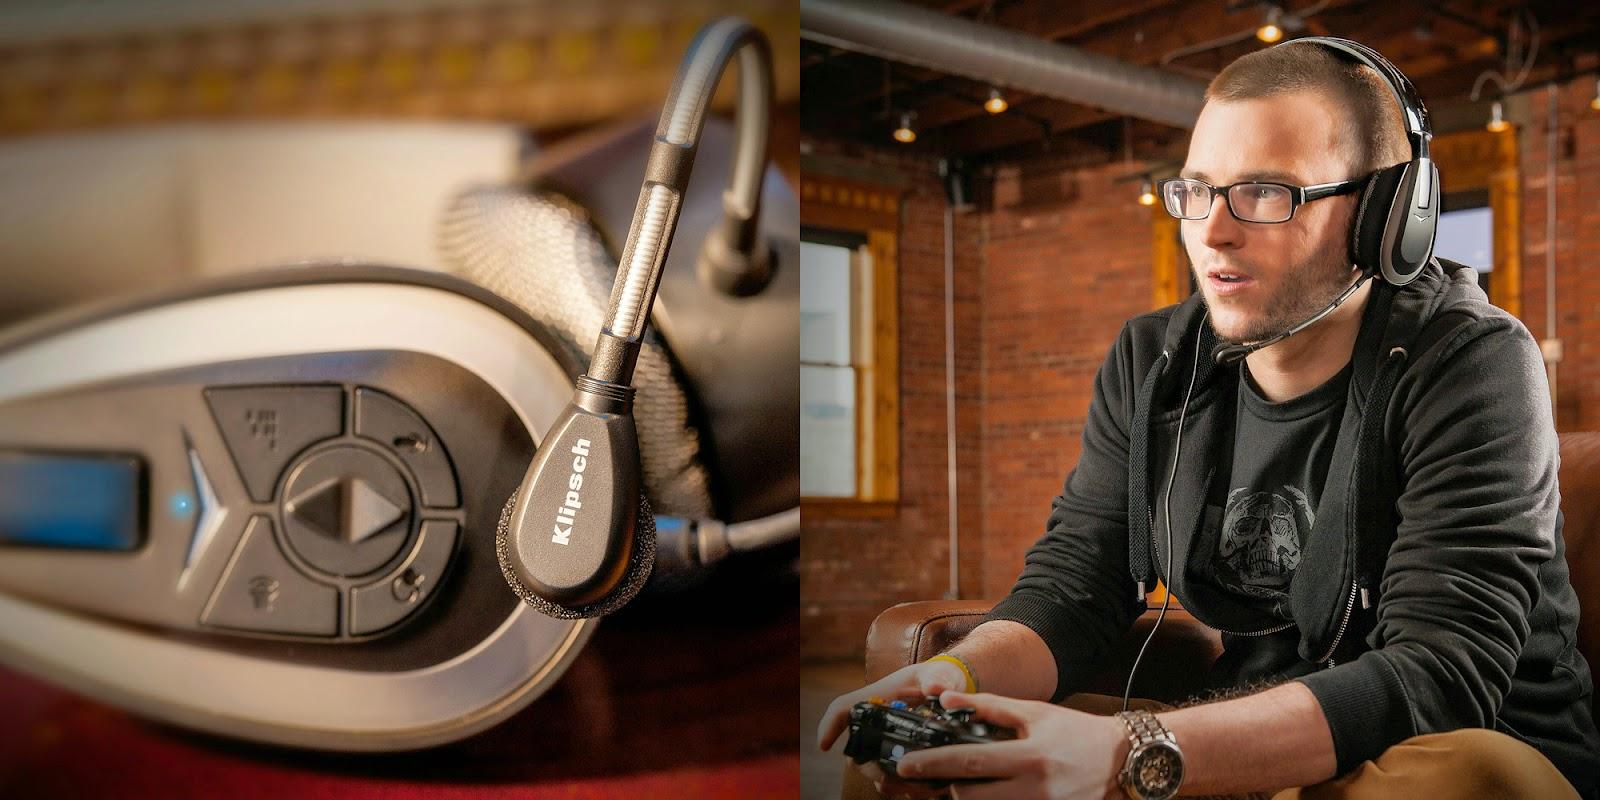 Kilpsch KG-200 Gaming Headphones